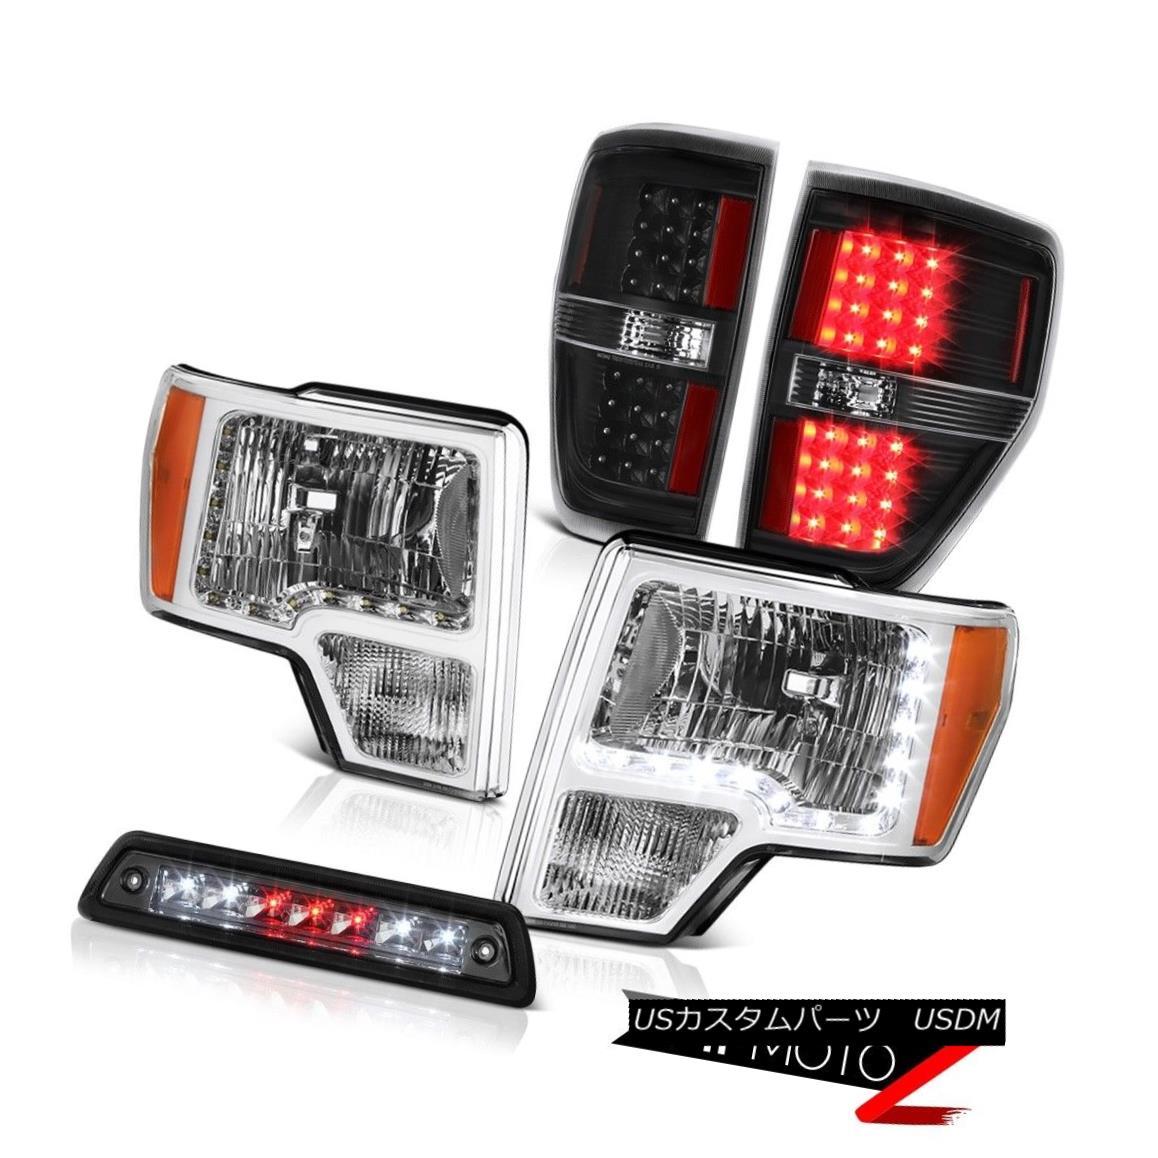 テールライト 2009-2014 F150 FX4 Roof cargo lamp raven black tail lamps headlights led drl LED 2009年から2014年F150 FX4屋根貨物ランプカモメブラックテールランプヘッドライトled drl LED